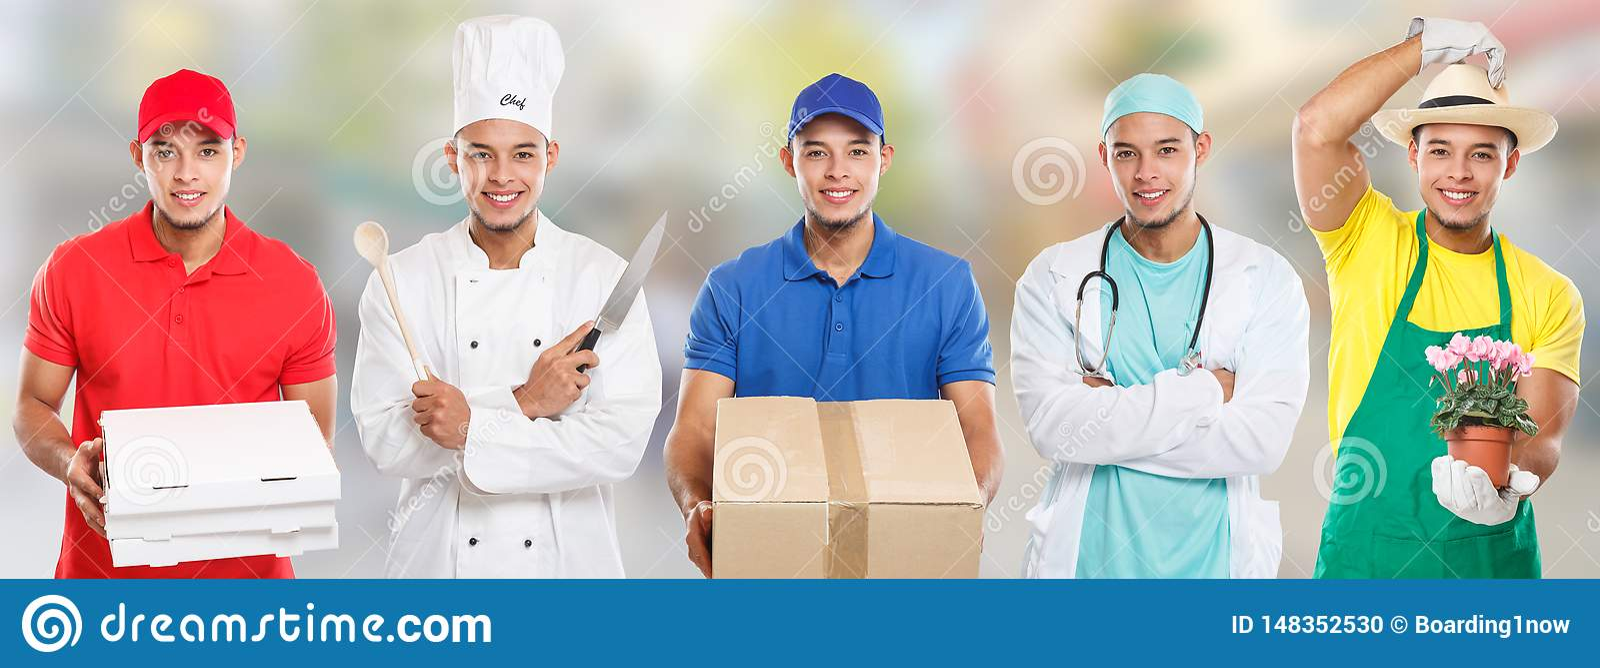 Stad för jobb för man för kock för doktor för yrke för utbildning för ockupationockupationutbildning ung latinsk